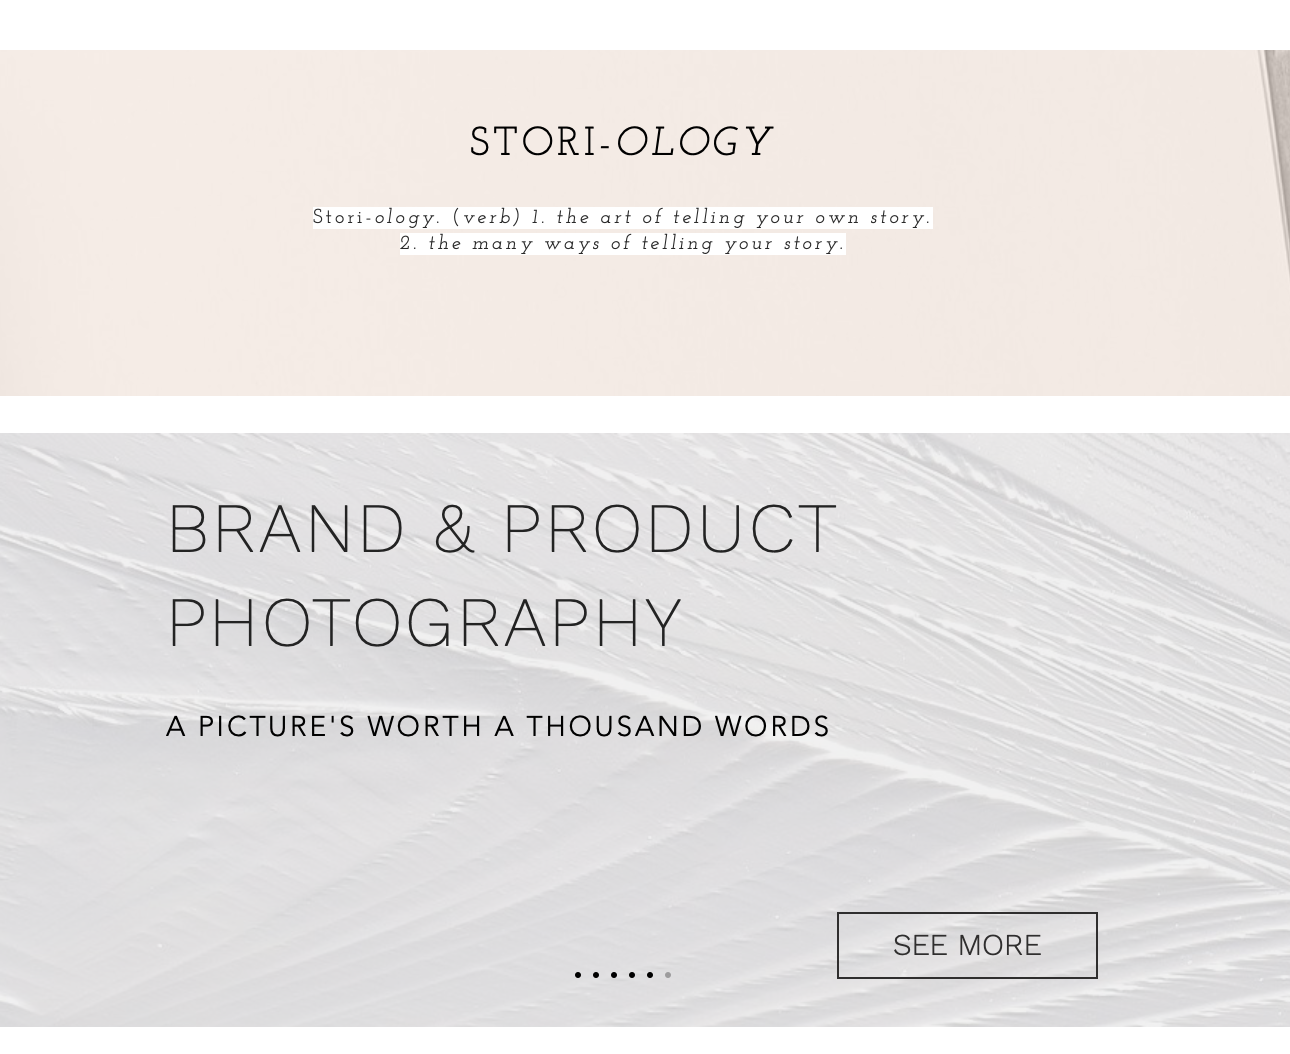 Storiology Webpage design